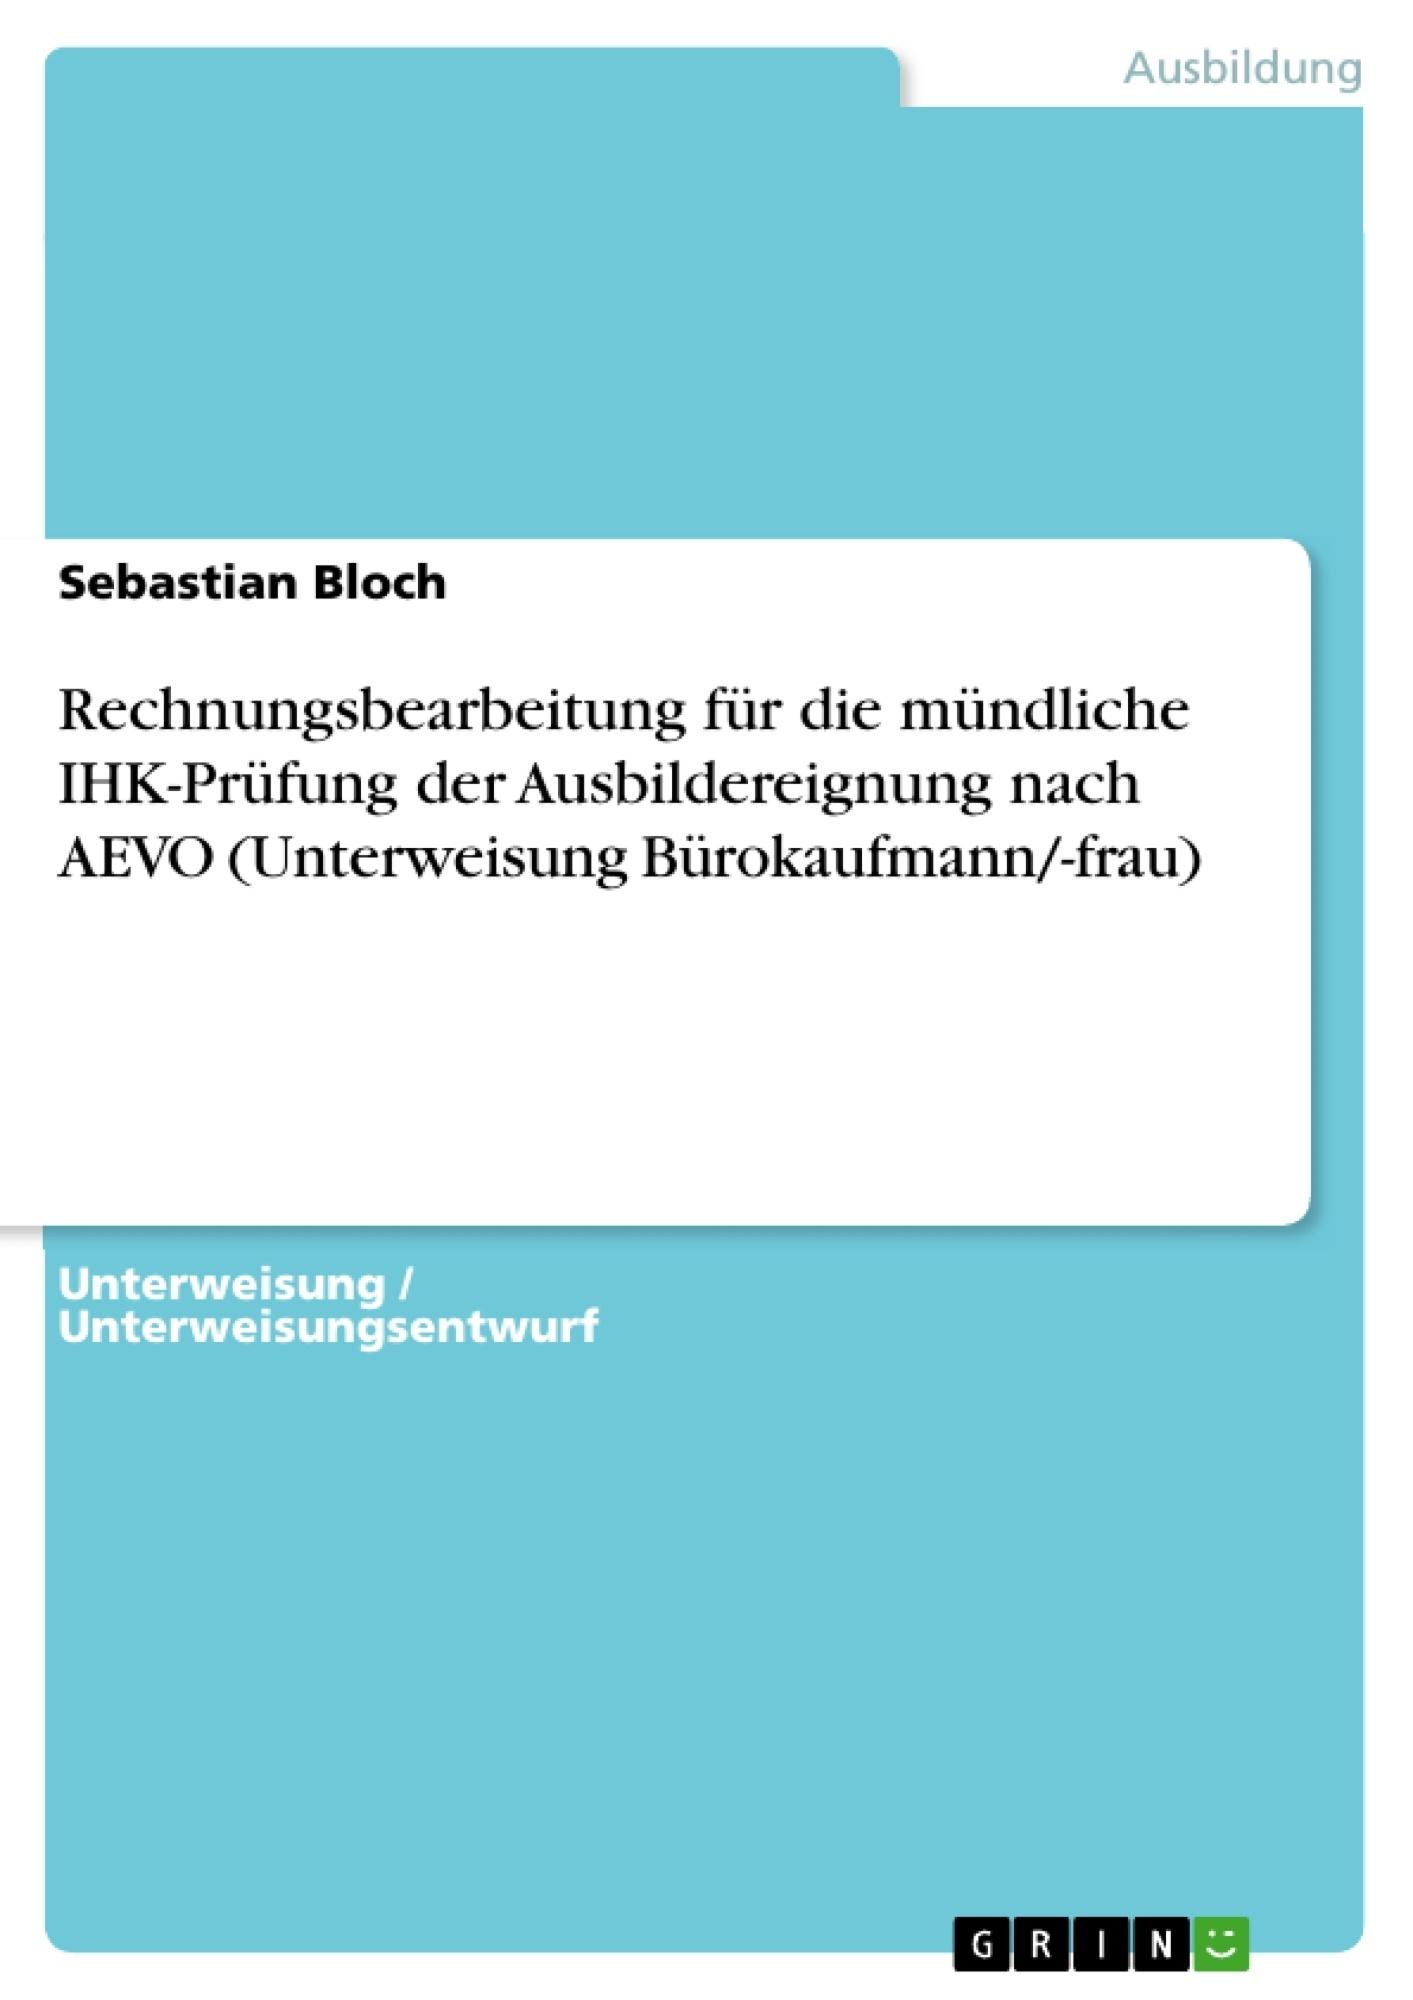 Titel: Rechnungsbearbeitung für die mündliche IHK-Prüfung der Ausbildereignung nach AEVO (Unterweisung Bürokaufmann/-frau)